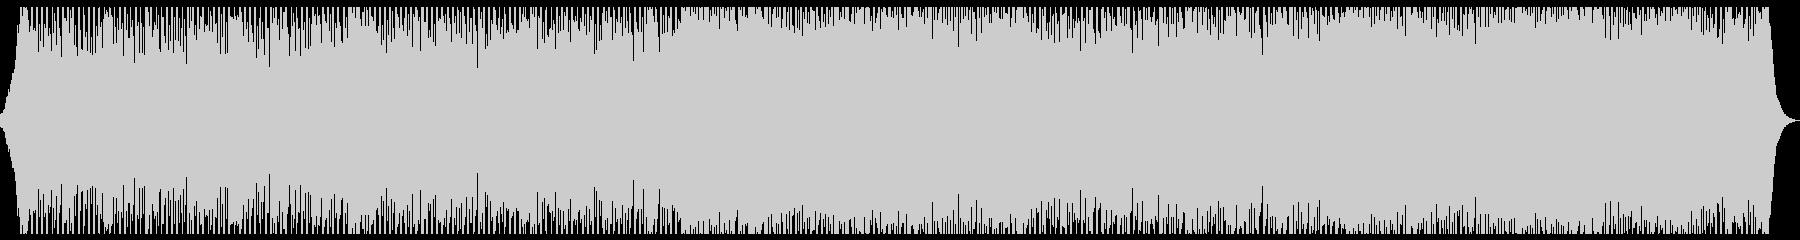 ポップ ロック 代替案 アクティブ...の未再生の波形